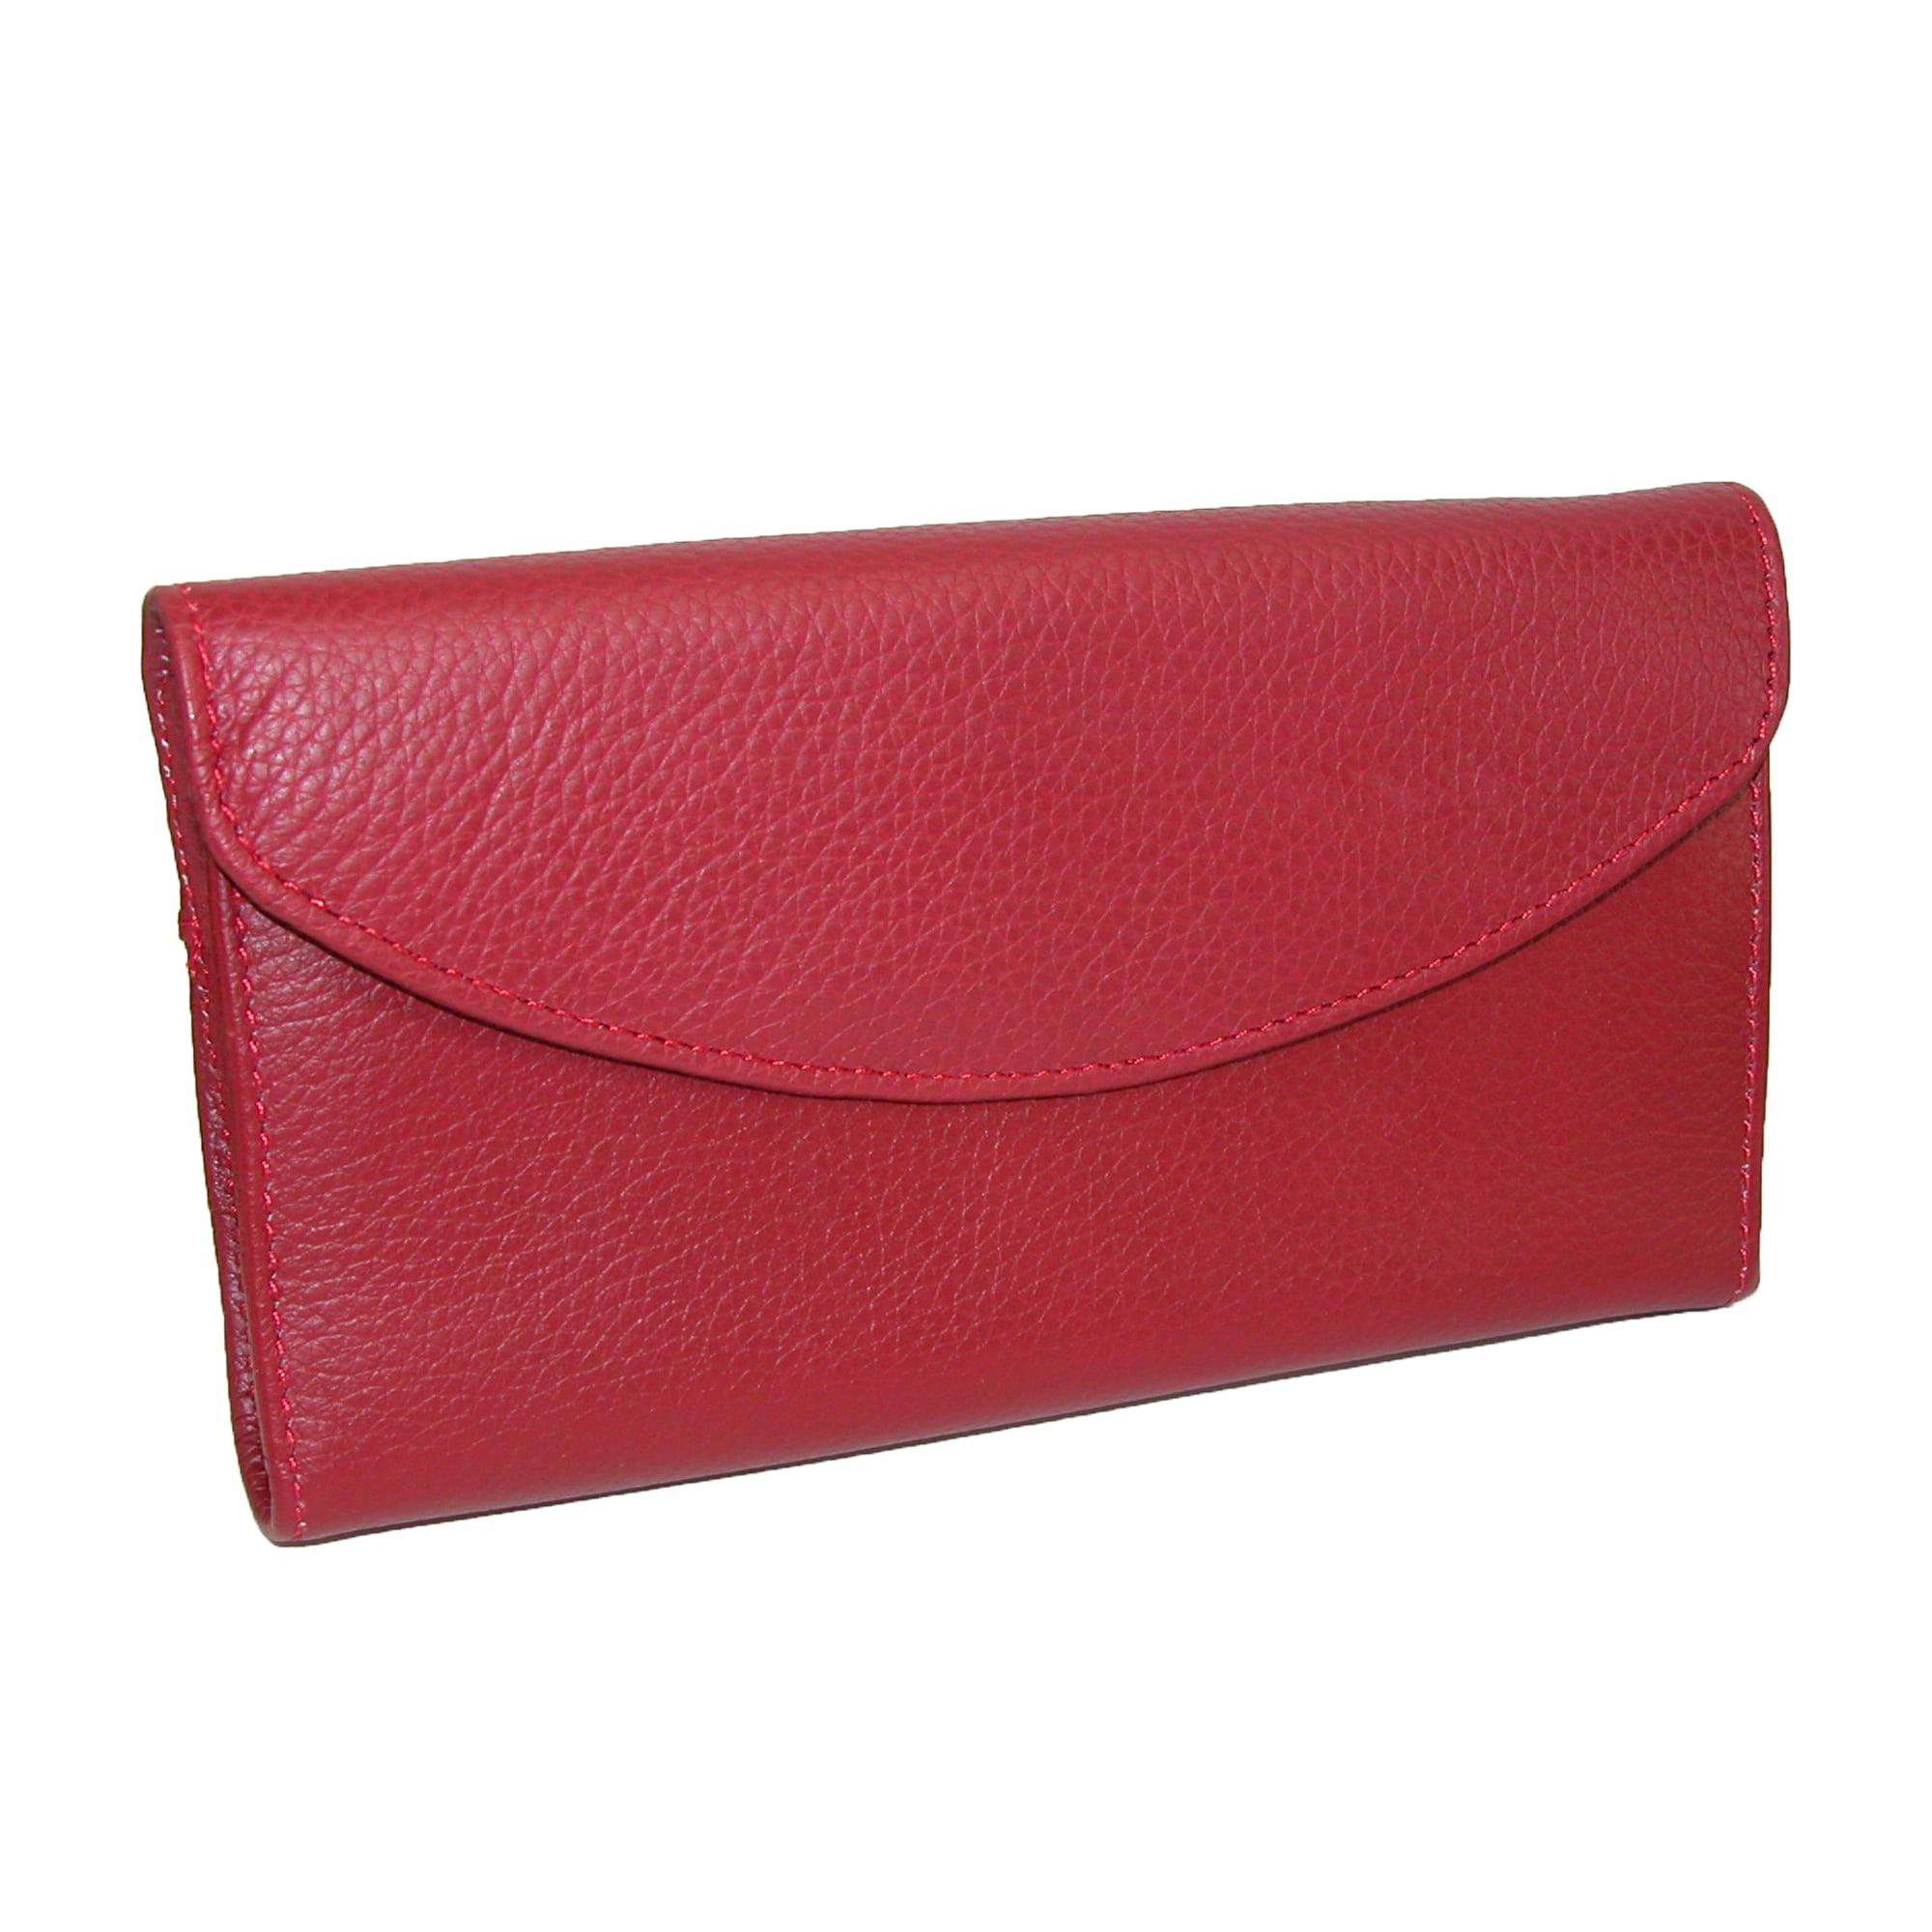 DOPP  Women's Leather Roma Checkbook Clutch Wallet